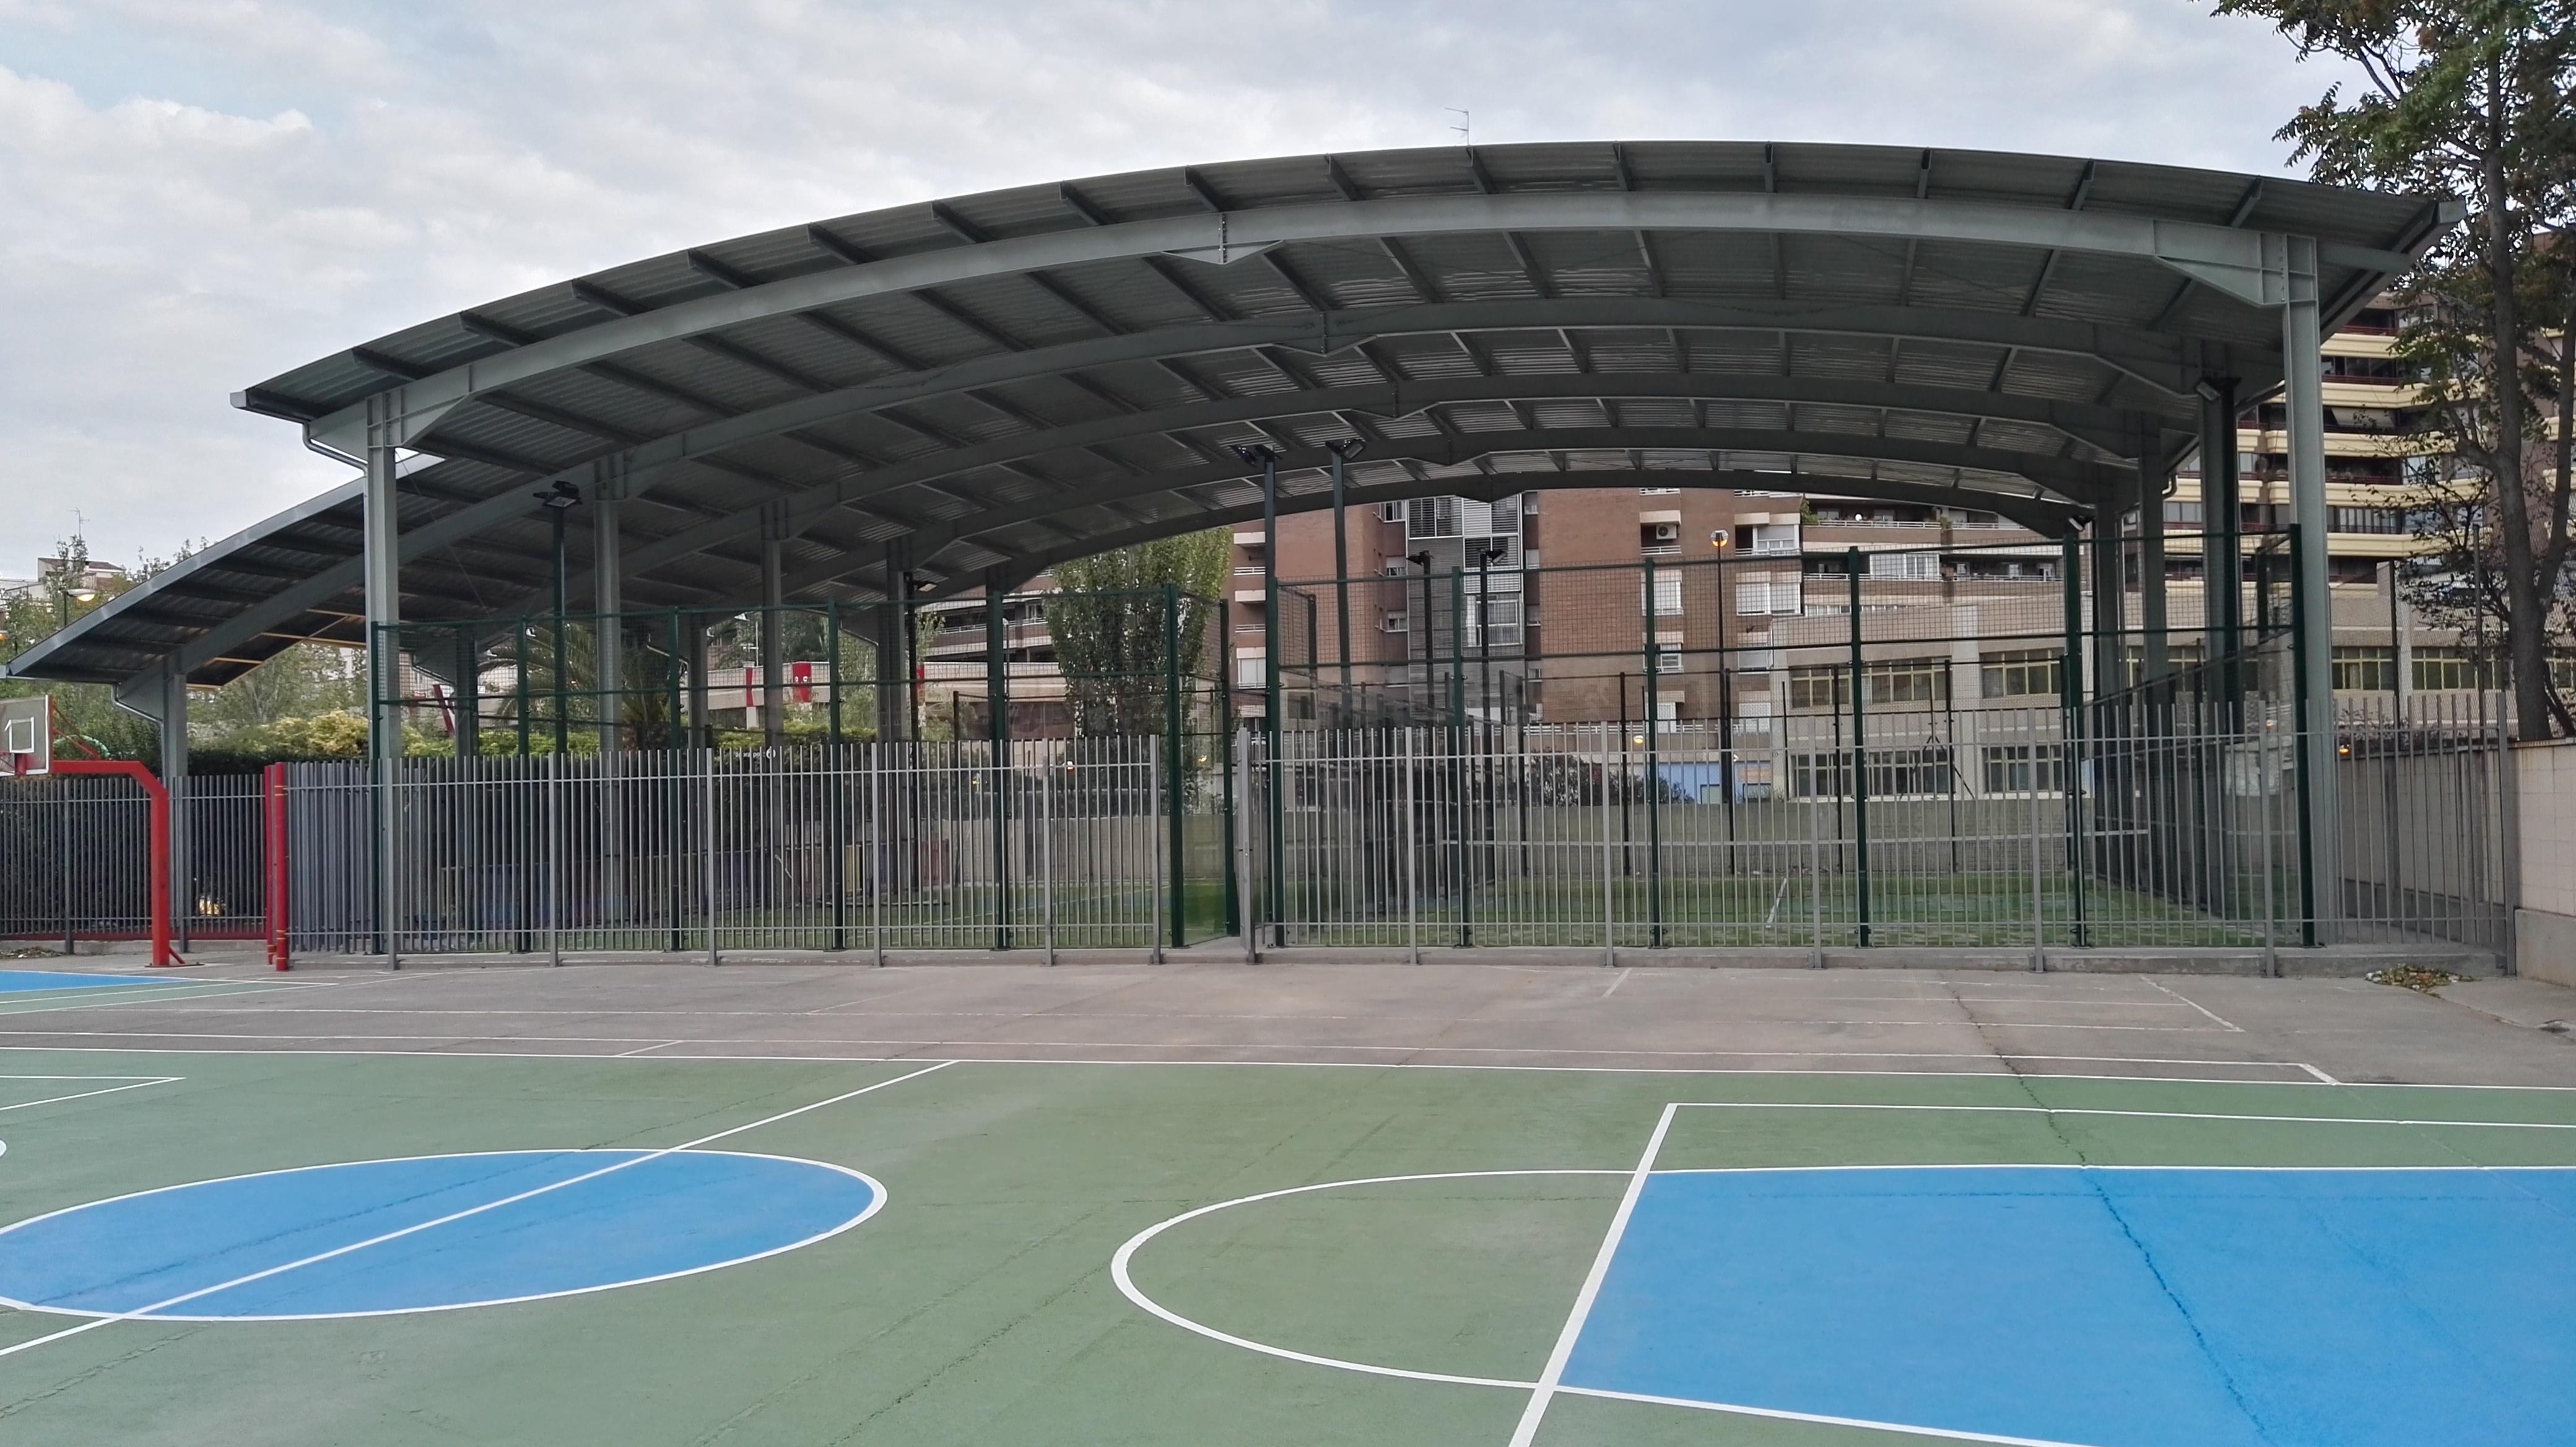 Nuevas pistas de padel cubiertas en el polideportivo de san agustin zaragoza agora sport - Cesped artificial zaragoza ...